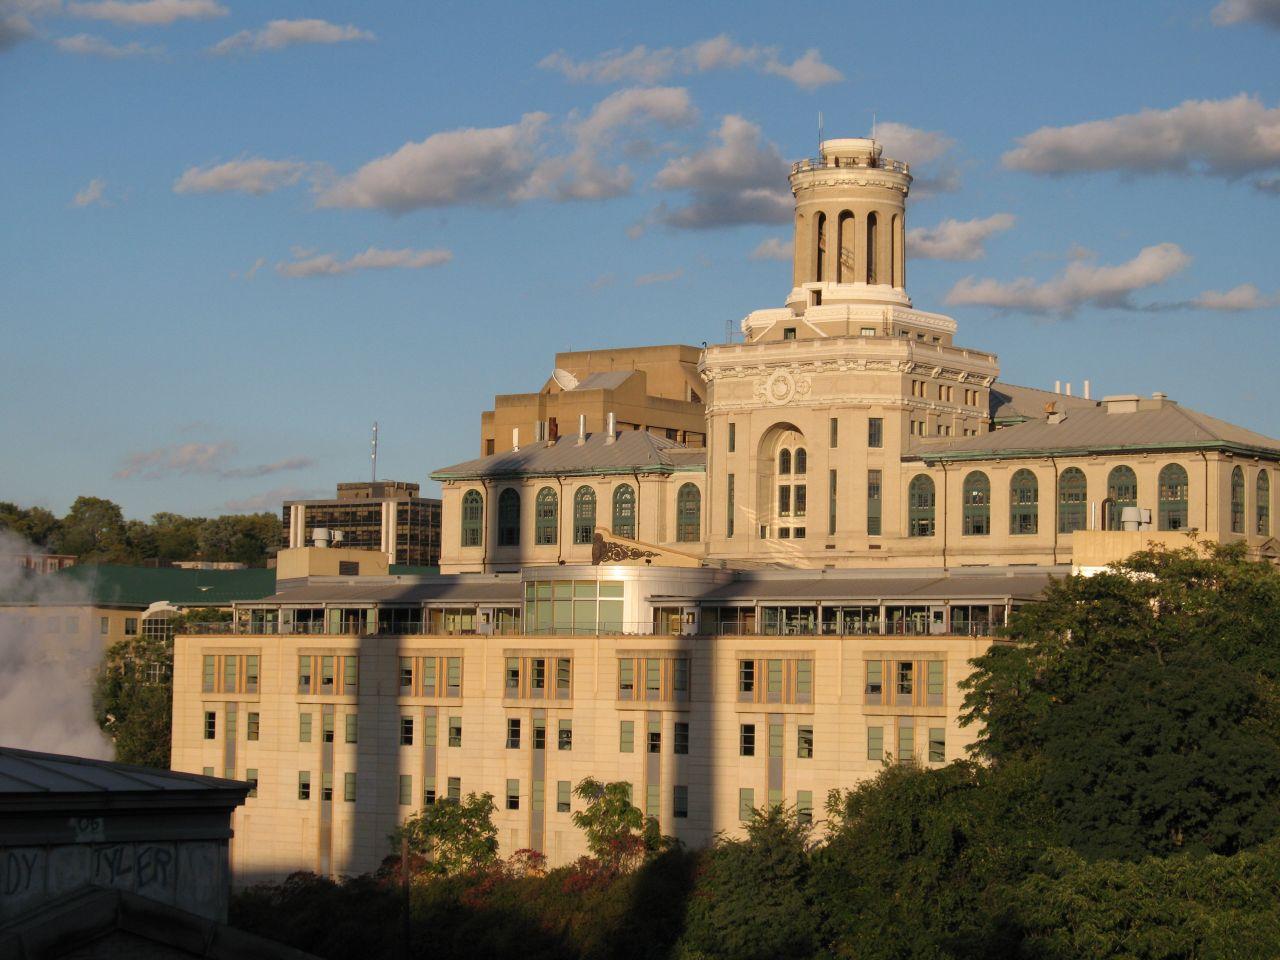 卡内基梅隆大学好不好,可以去留学吗?